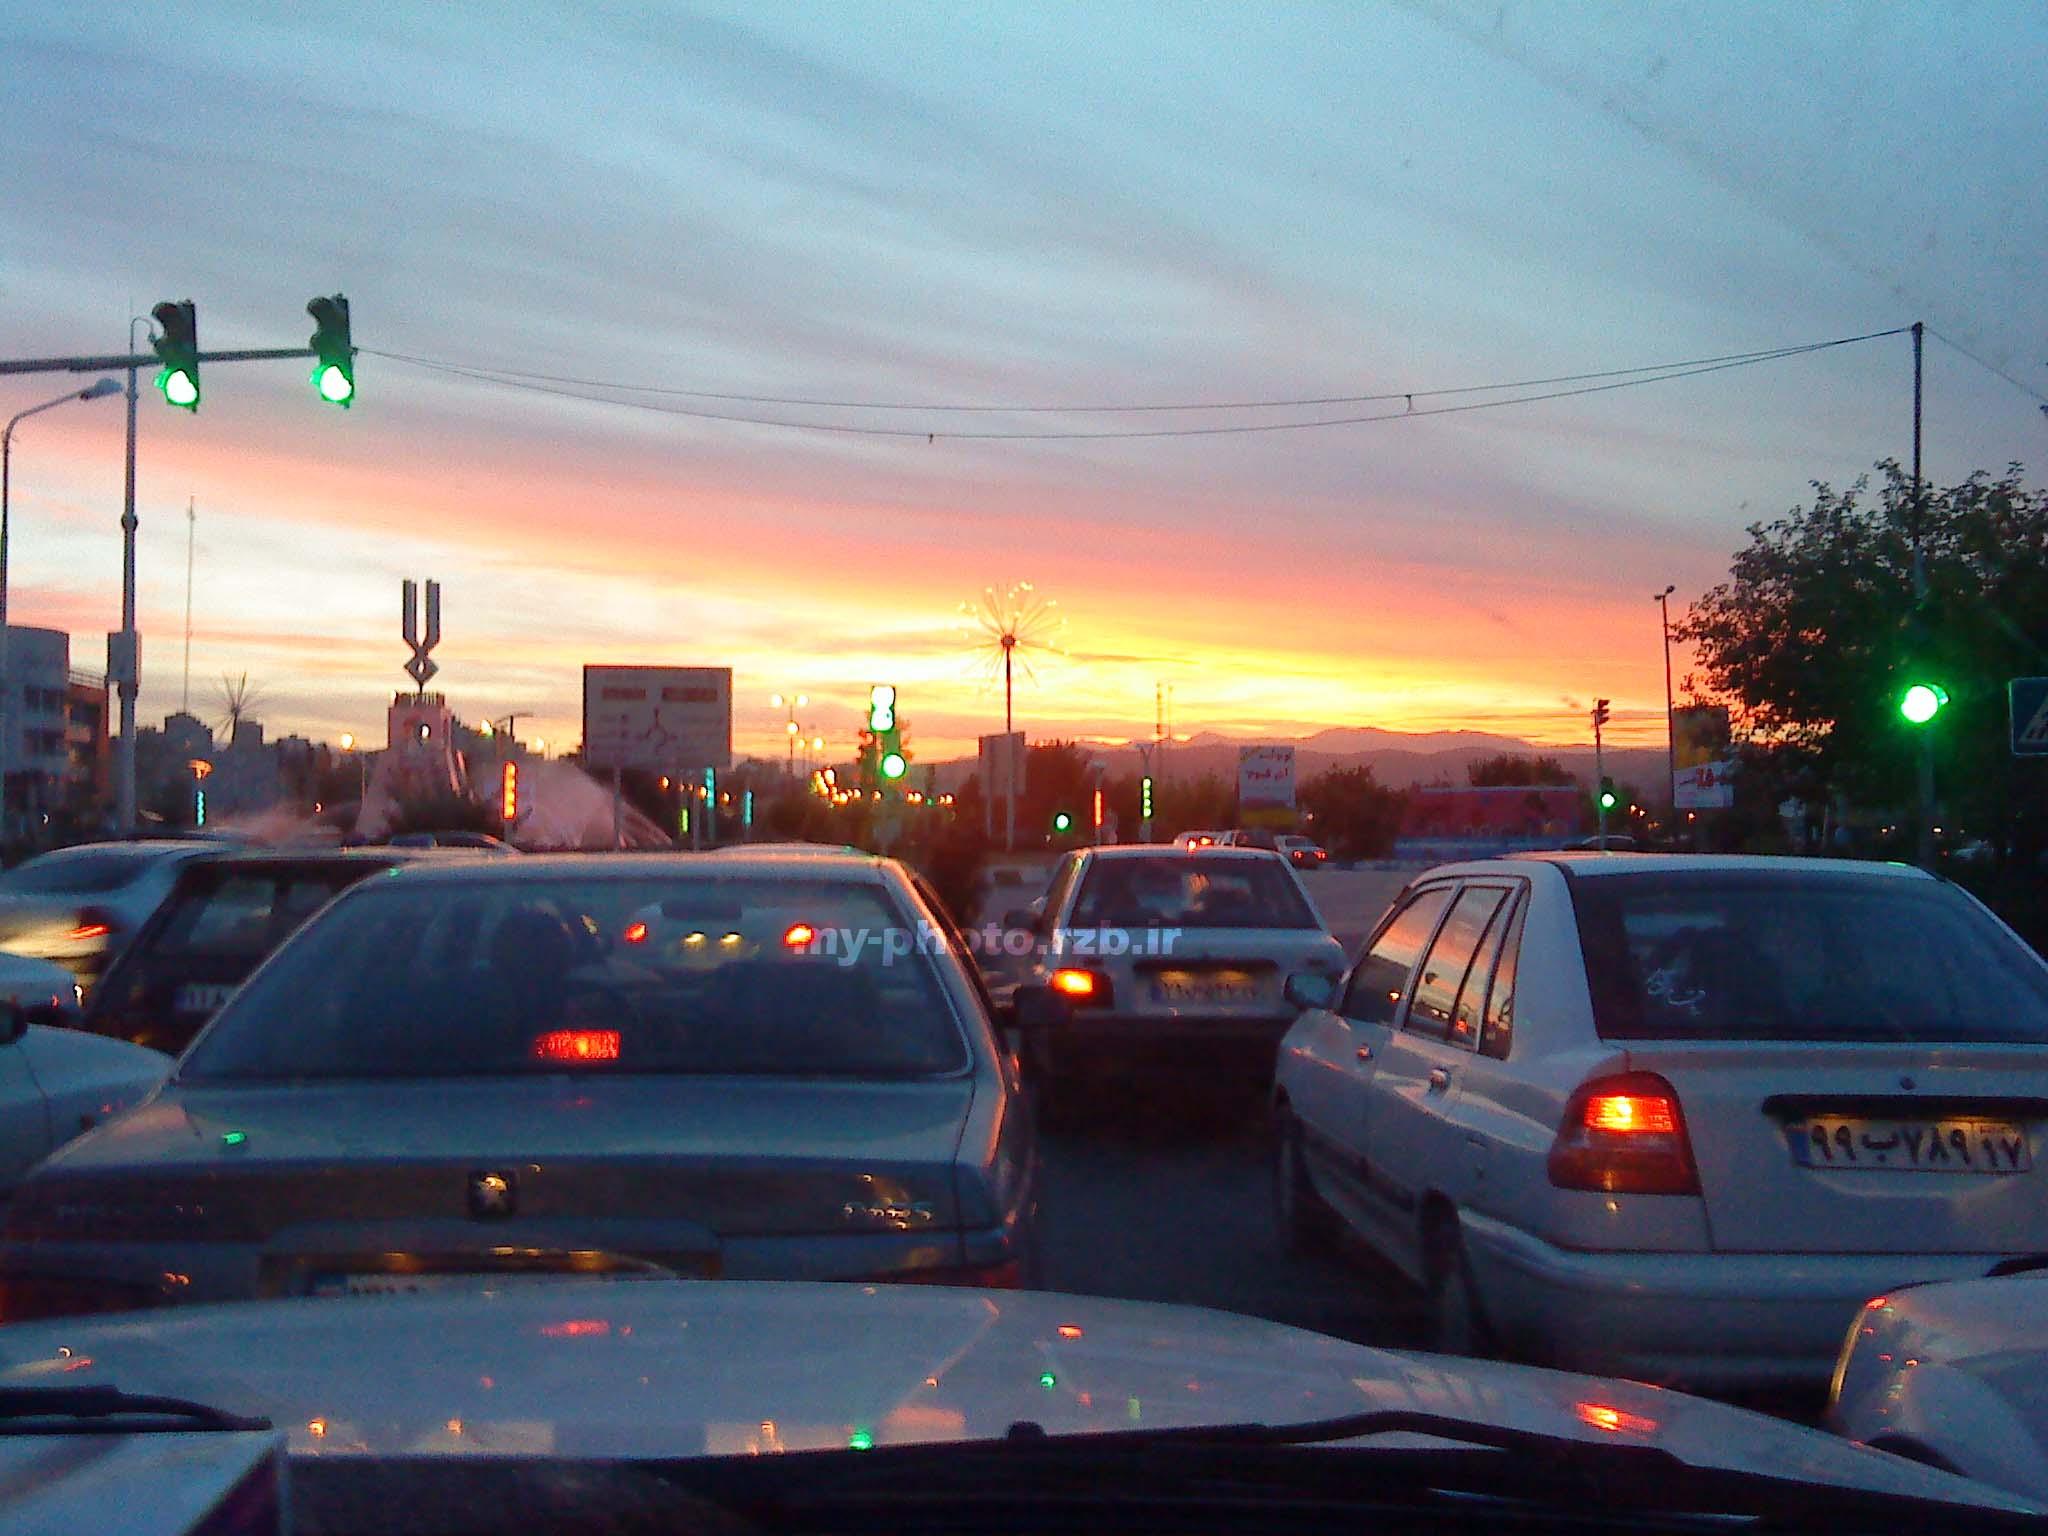 عکس از غروب پشت چراغ قرمز